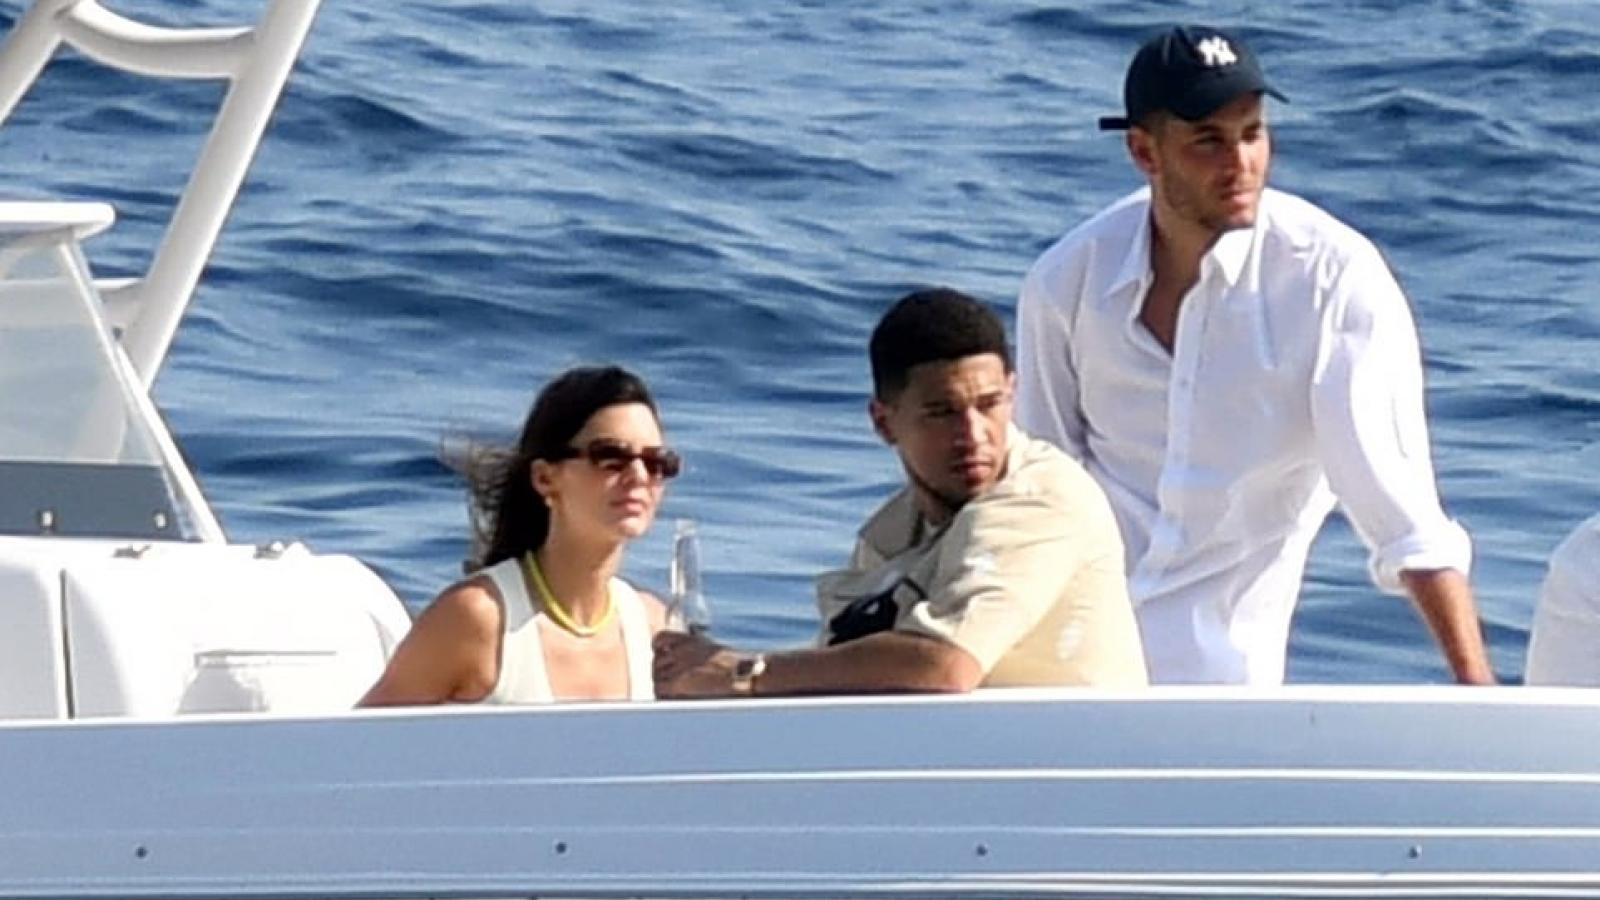 Kendall Jenner cùng bạn trai dùng bữa trưa trên du thuyền hạng sang